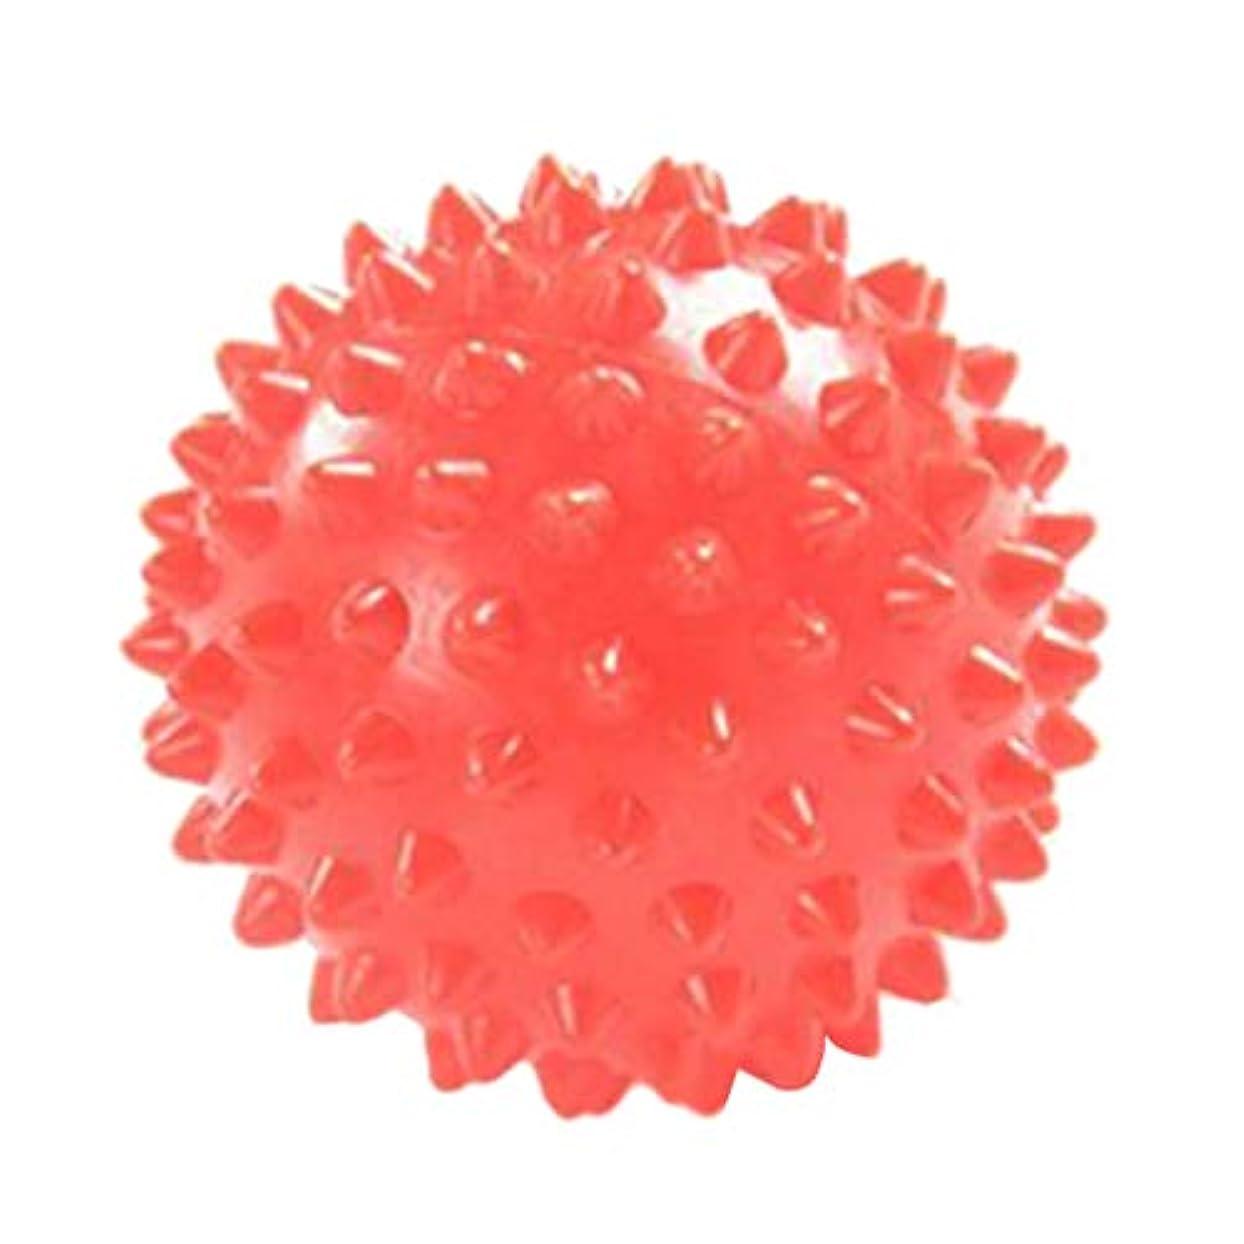 パンサー羨望アミューズPerfeclan ヨガ マッサージボール 触覚ボール ツボ押し 7cm オレンジ